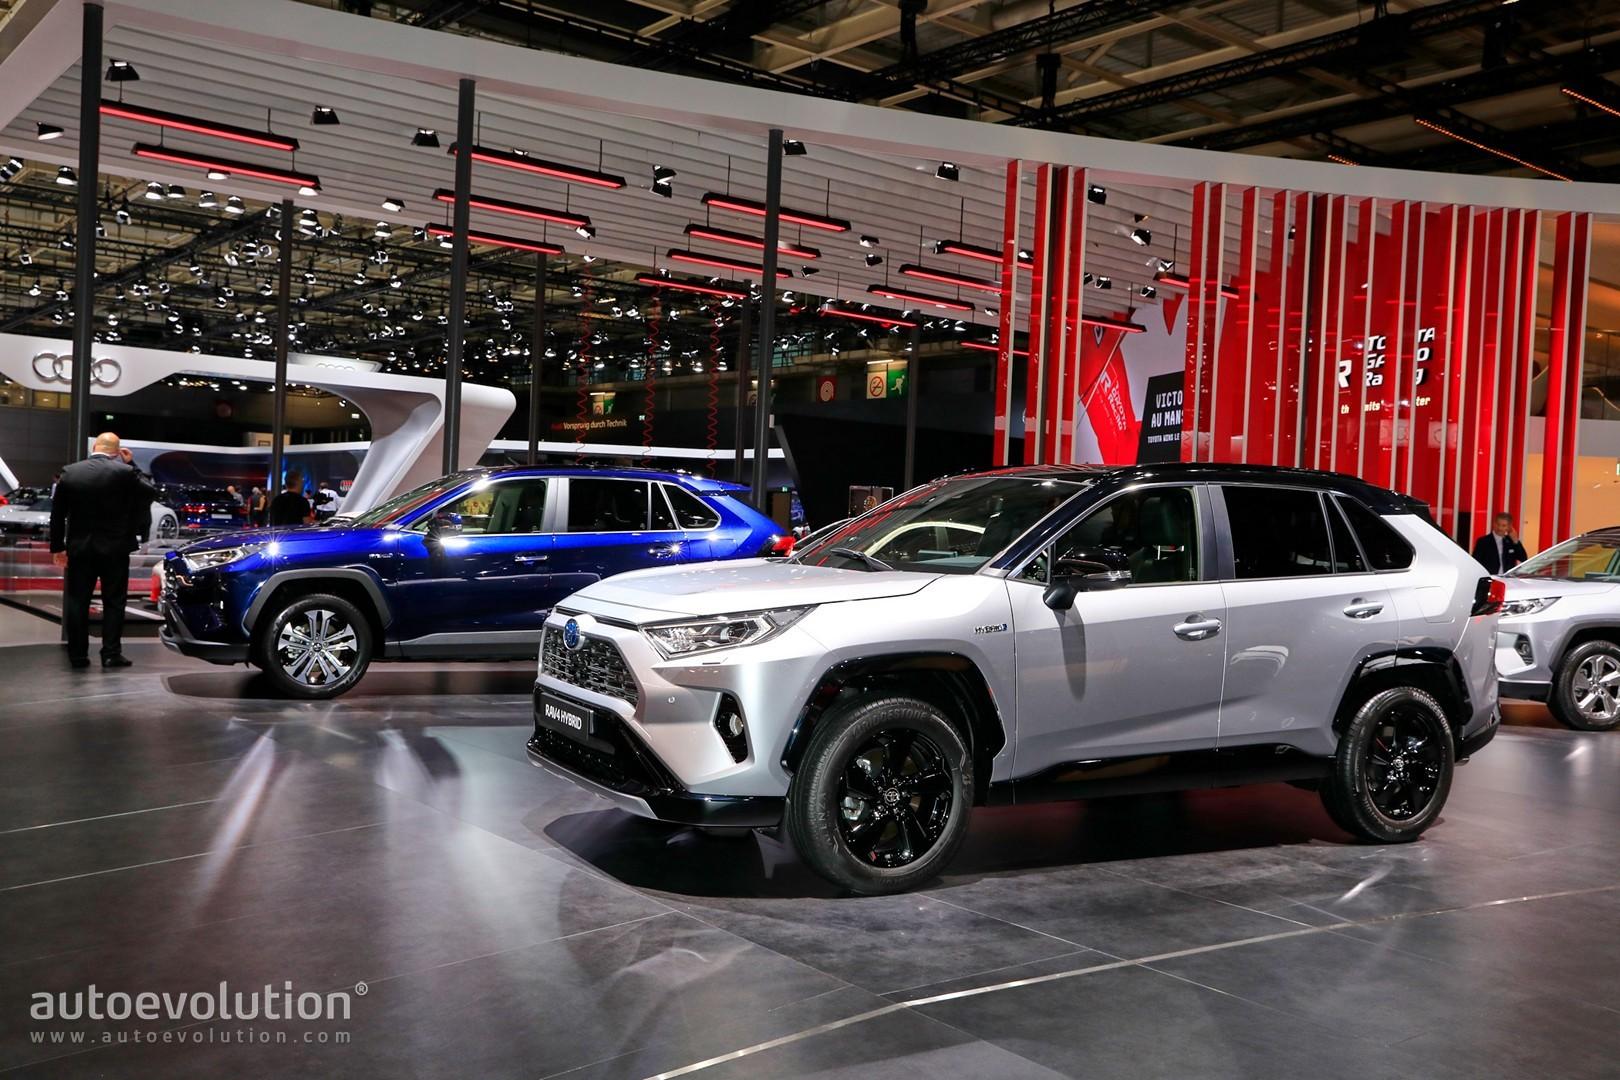 Toyota Rav4 2018 Hybrid >> 2019 Toyota RAV4 Makes Hybrid Production Debut in Paris - autoevolution